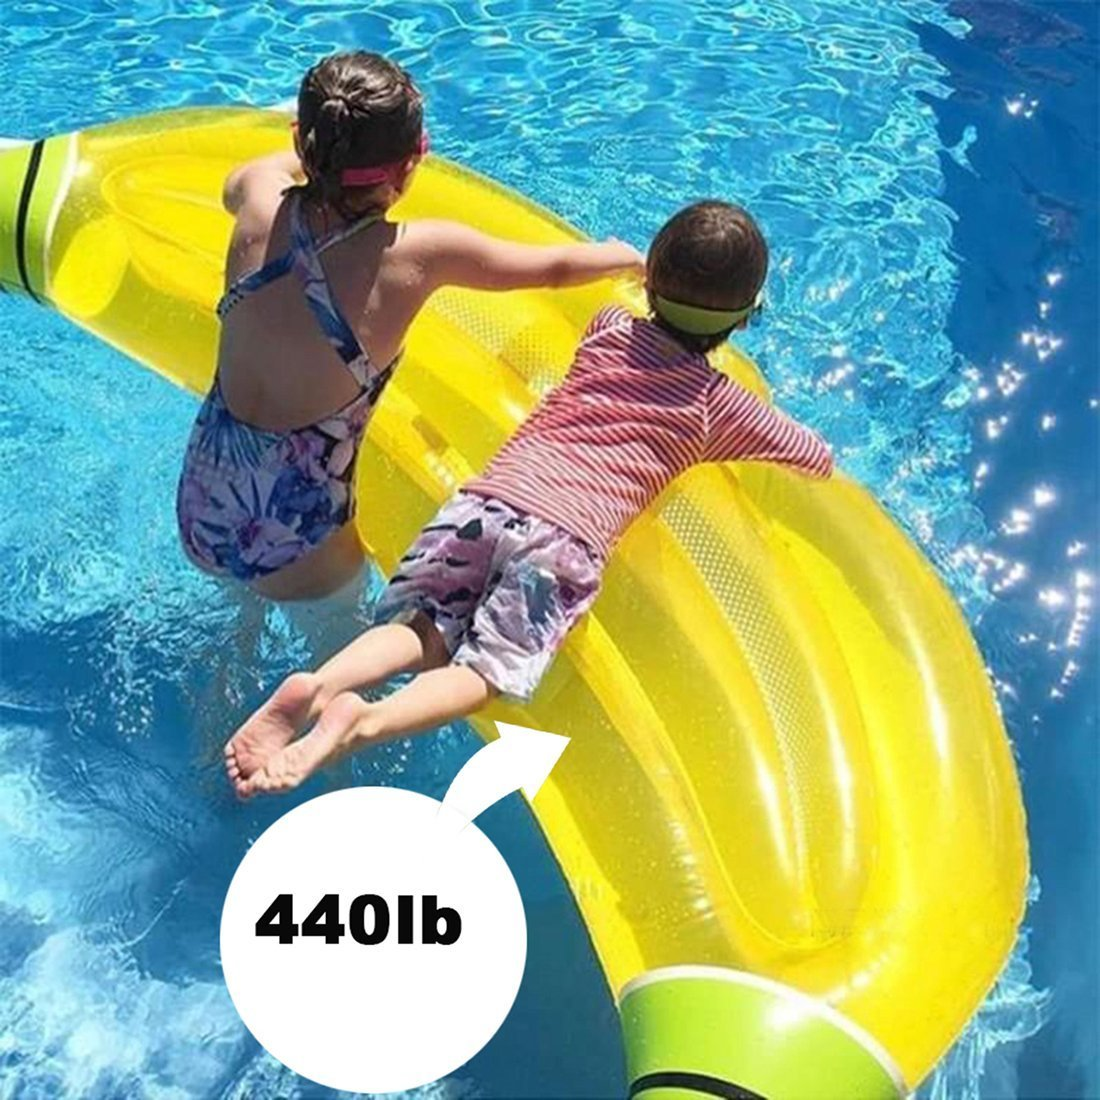 Sunbobo Banana inflable PVC flotadores asiento de la piscina para adultos niños niños niñas niños flotador de juguete: Amazon.es: Hogar